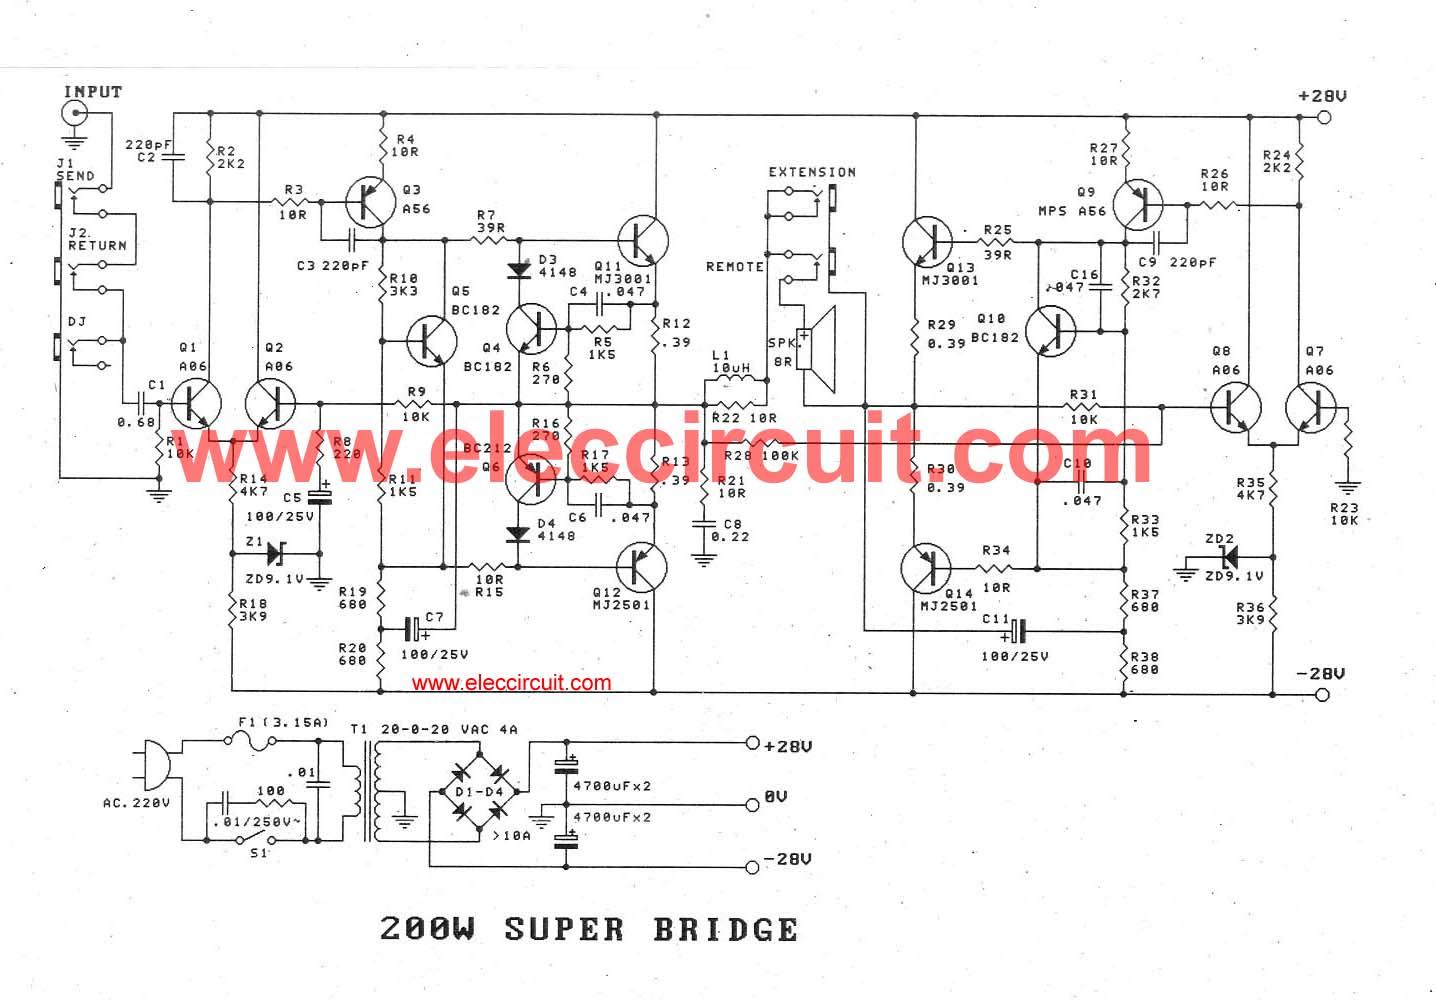 bass guitar super bridge amplifier 200 watt